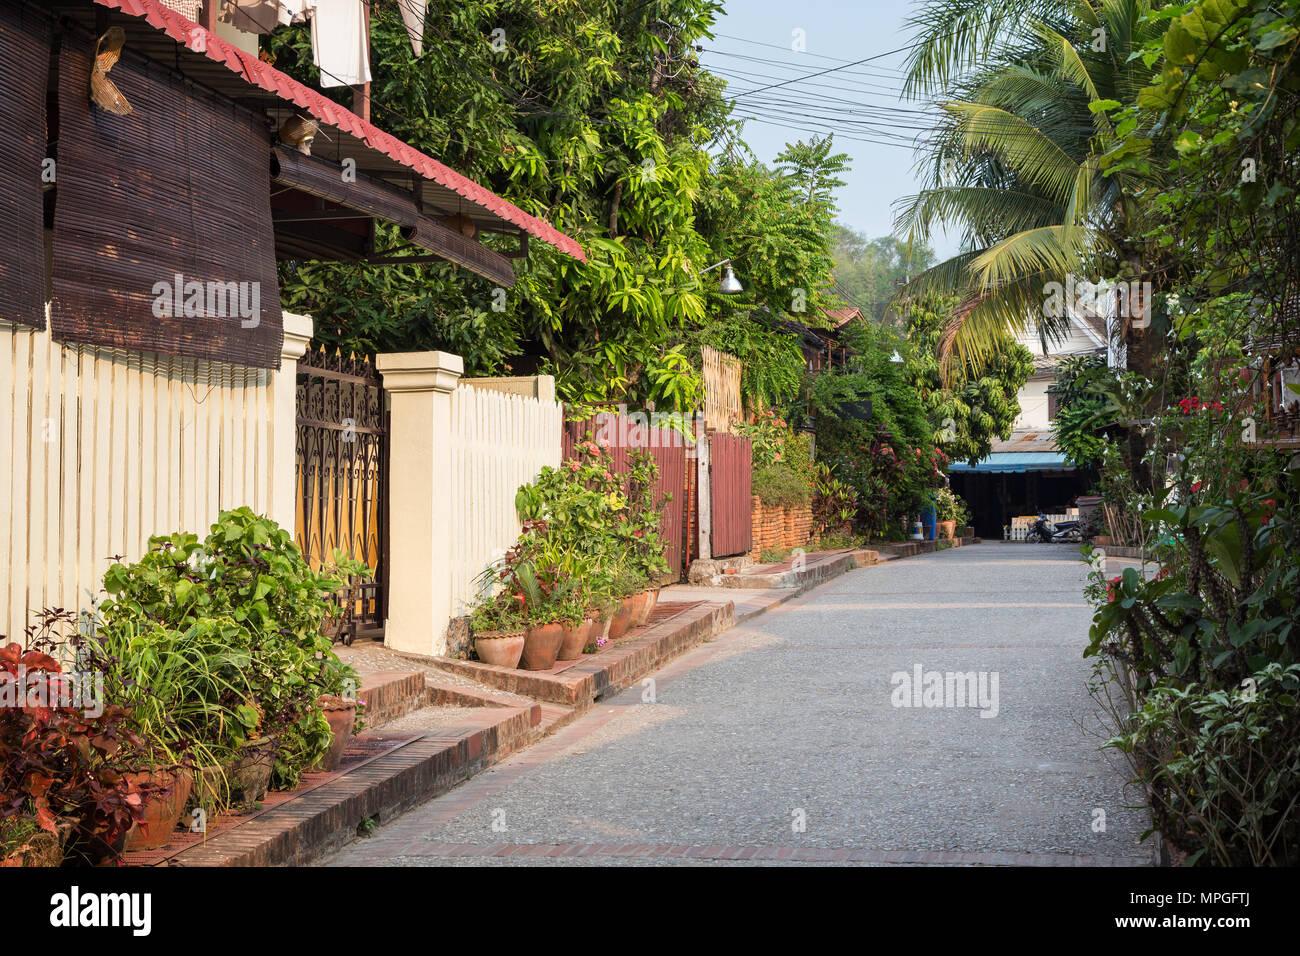 Idyllischen Seitenstraße in Luang Prabang, Laos, an einem sonnigen Tag. Stockbild